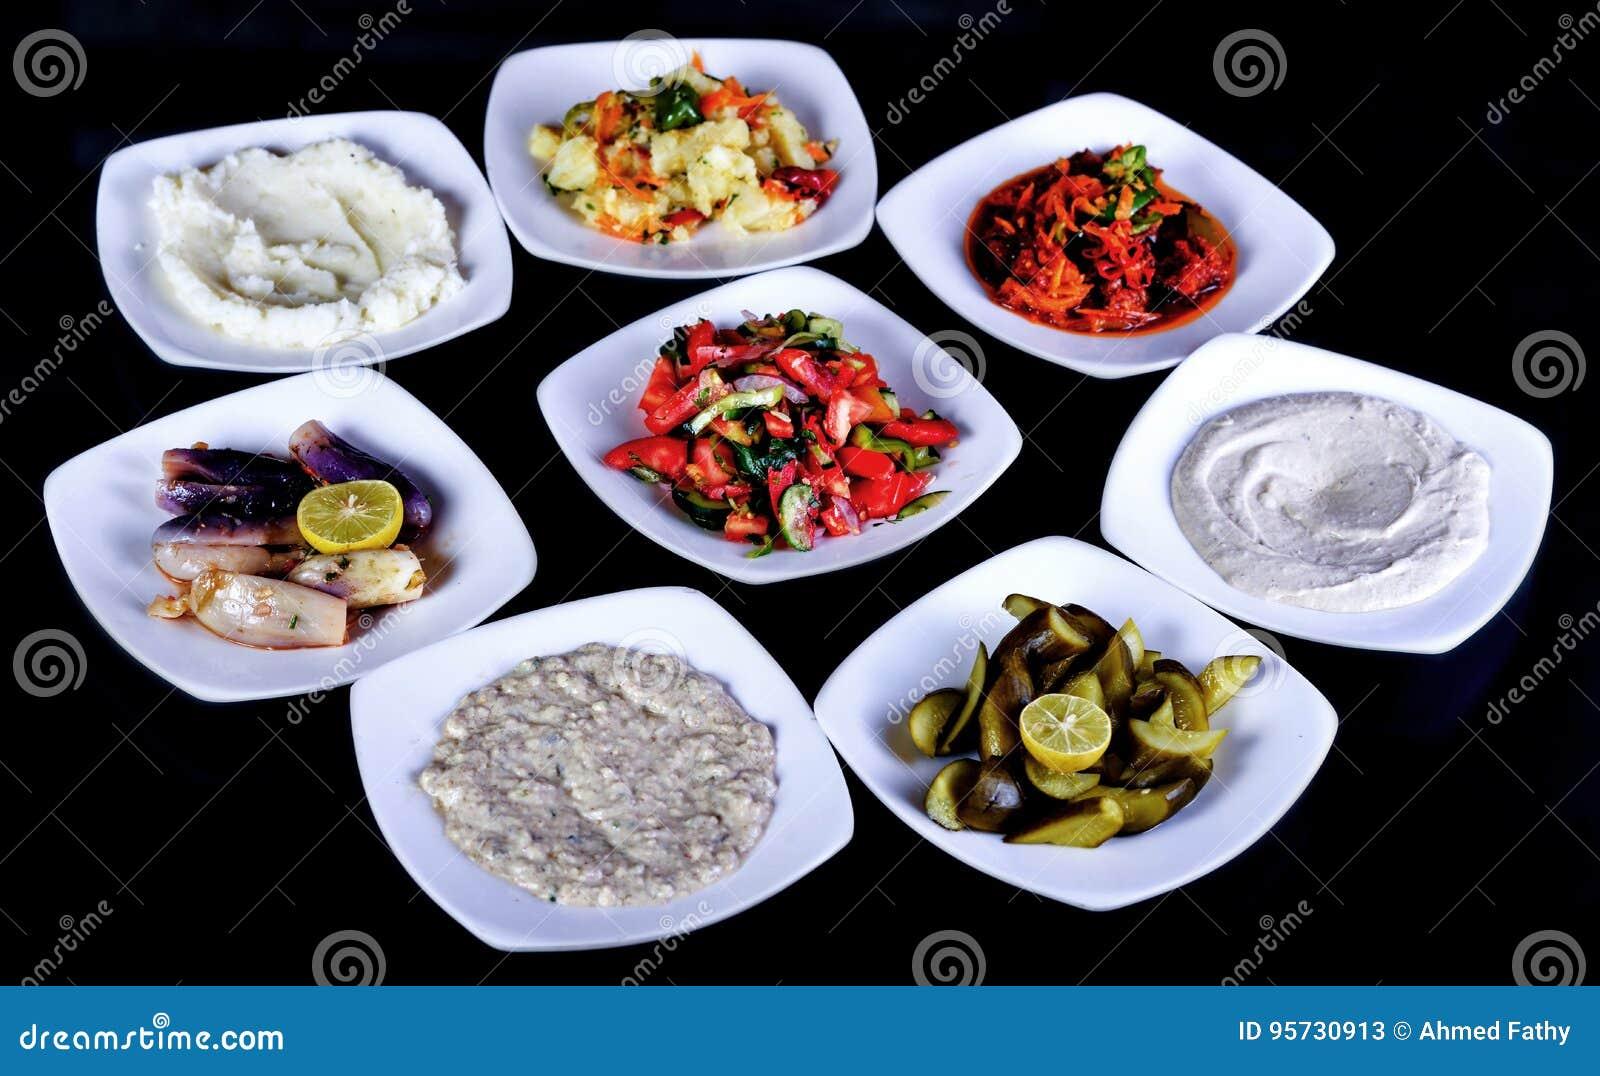 Arabska sałatka - pomidorowa sałatka